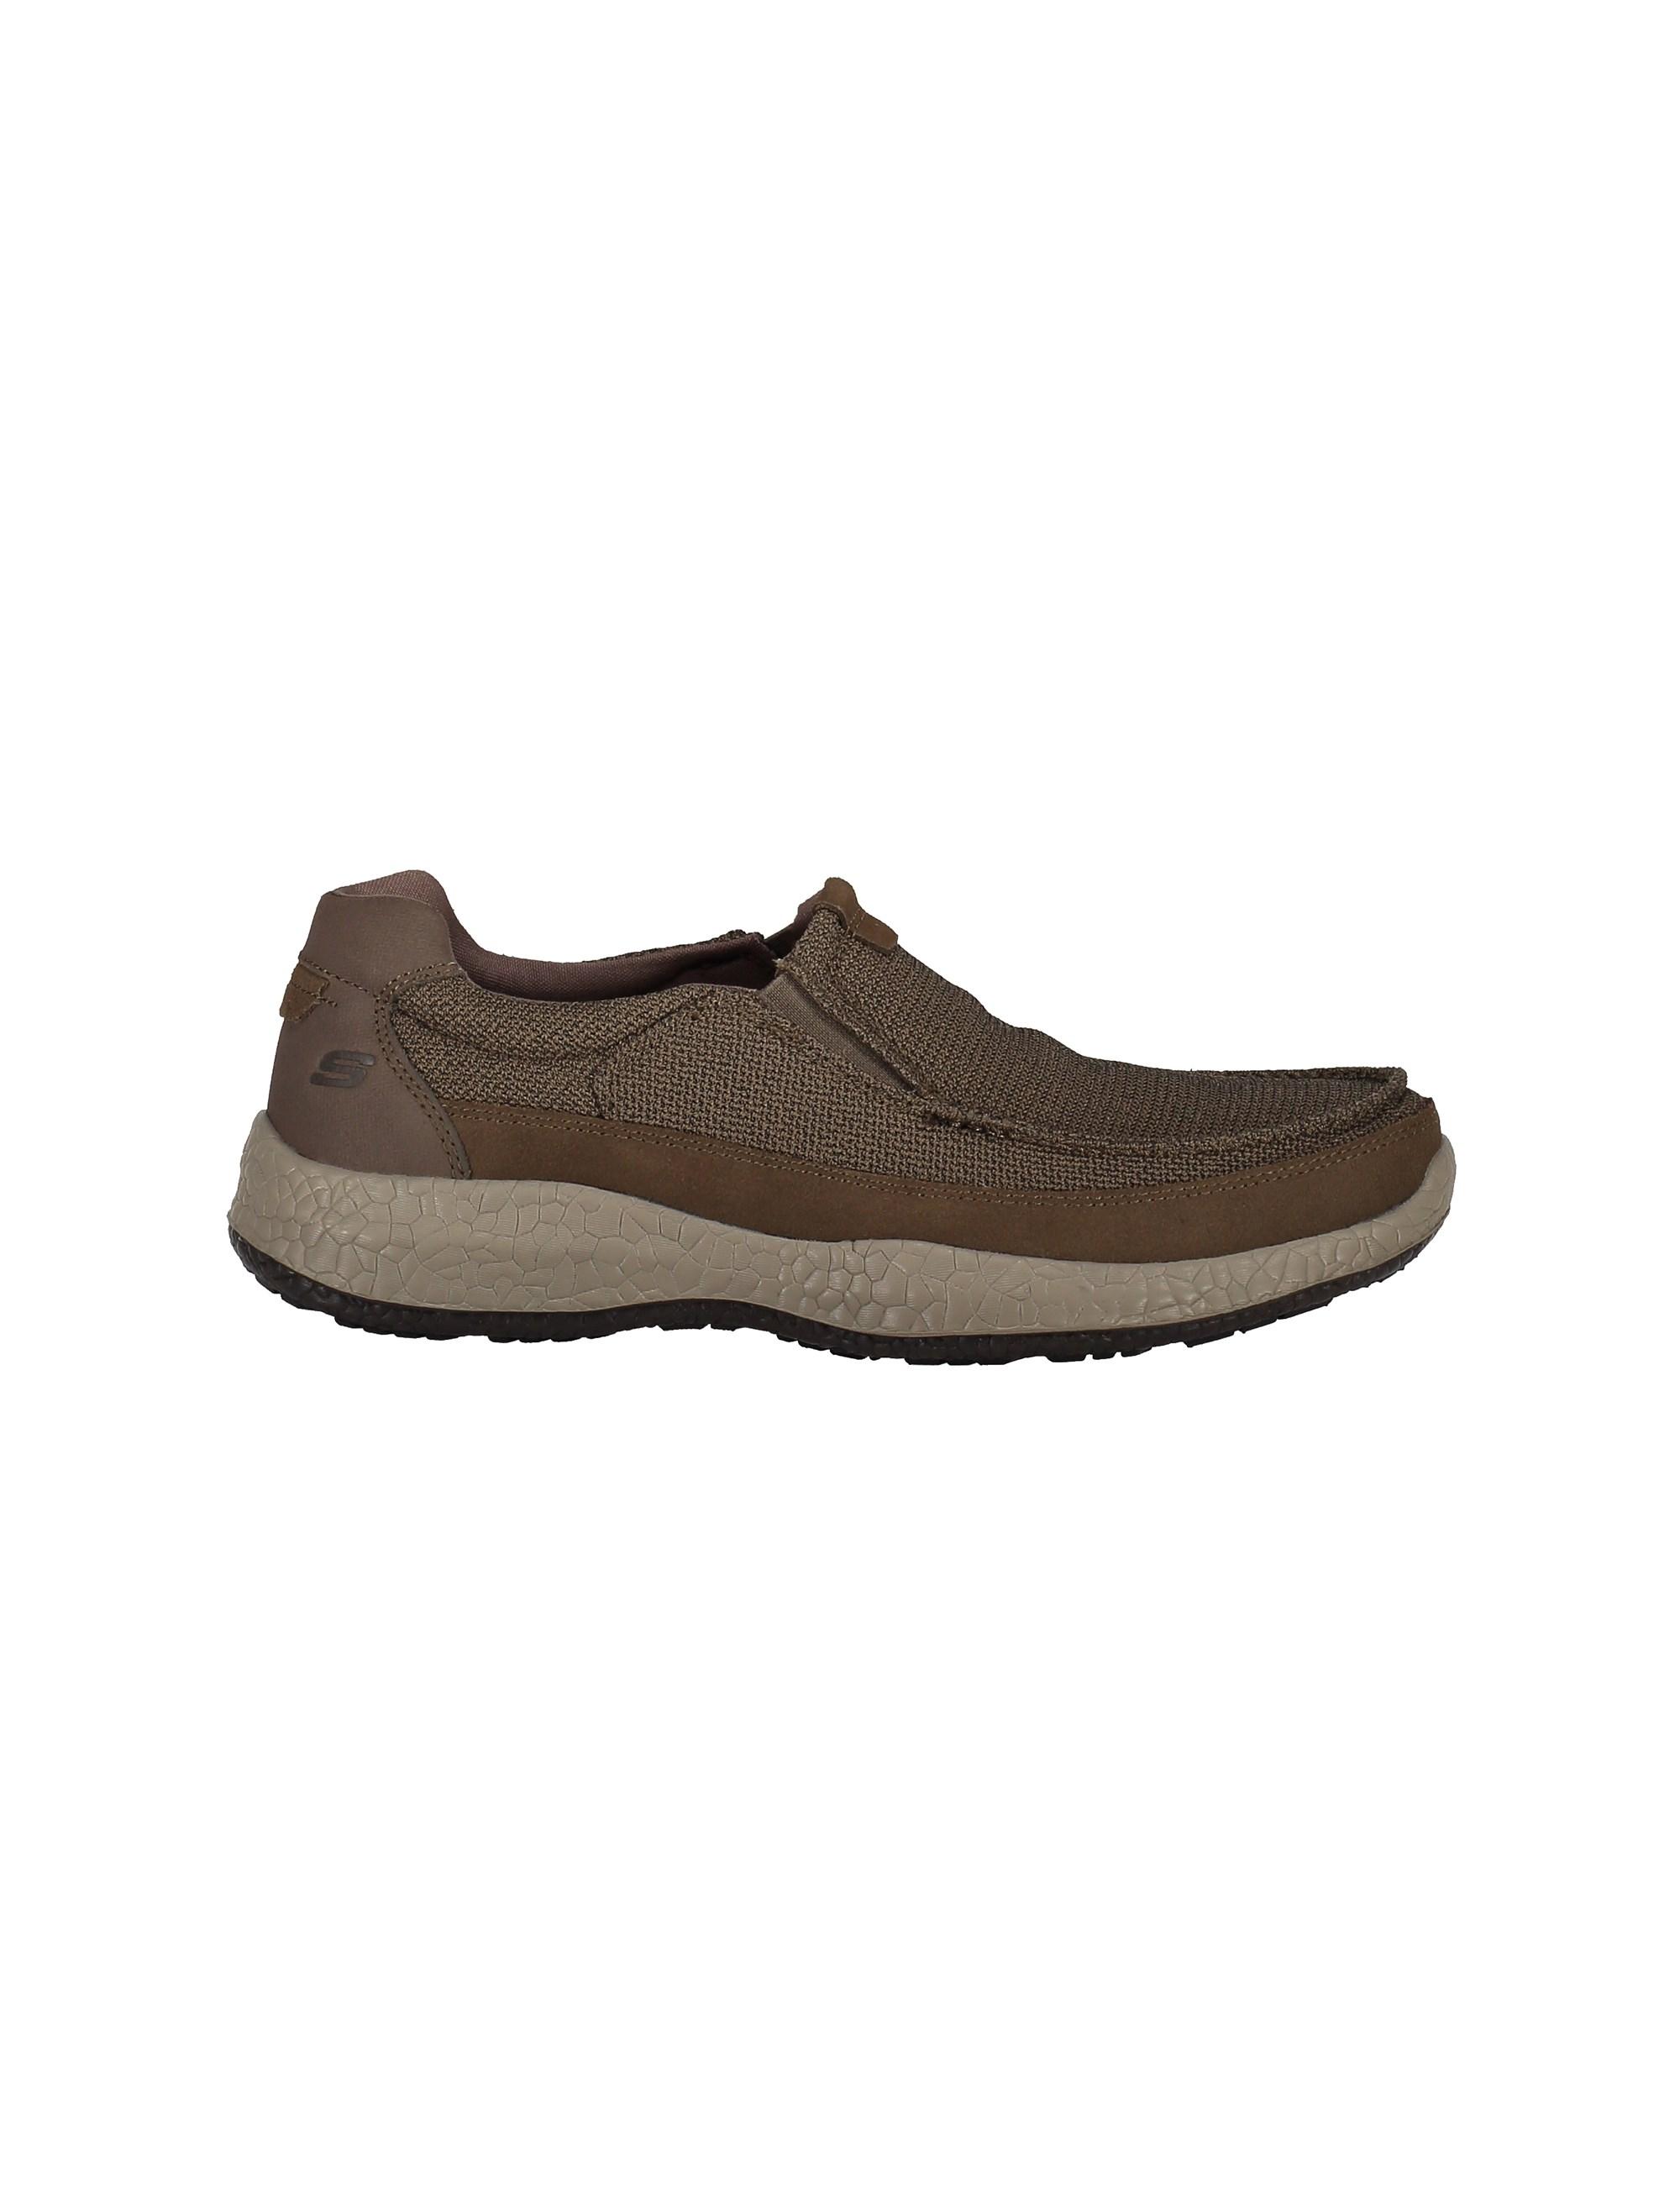 کفش راحتی پارچه ای مردانه Bursen Kinto - اسکچرز - قهوه اي روشن - 1